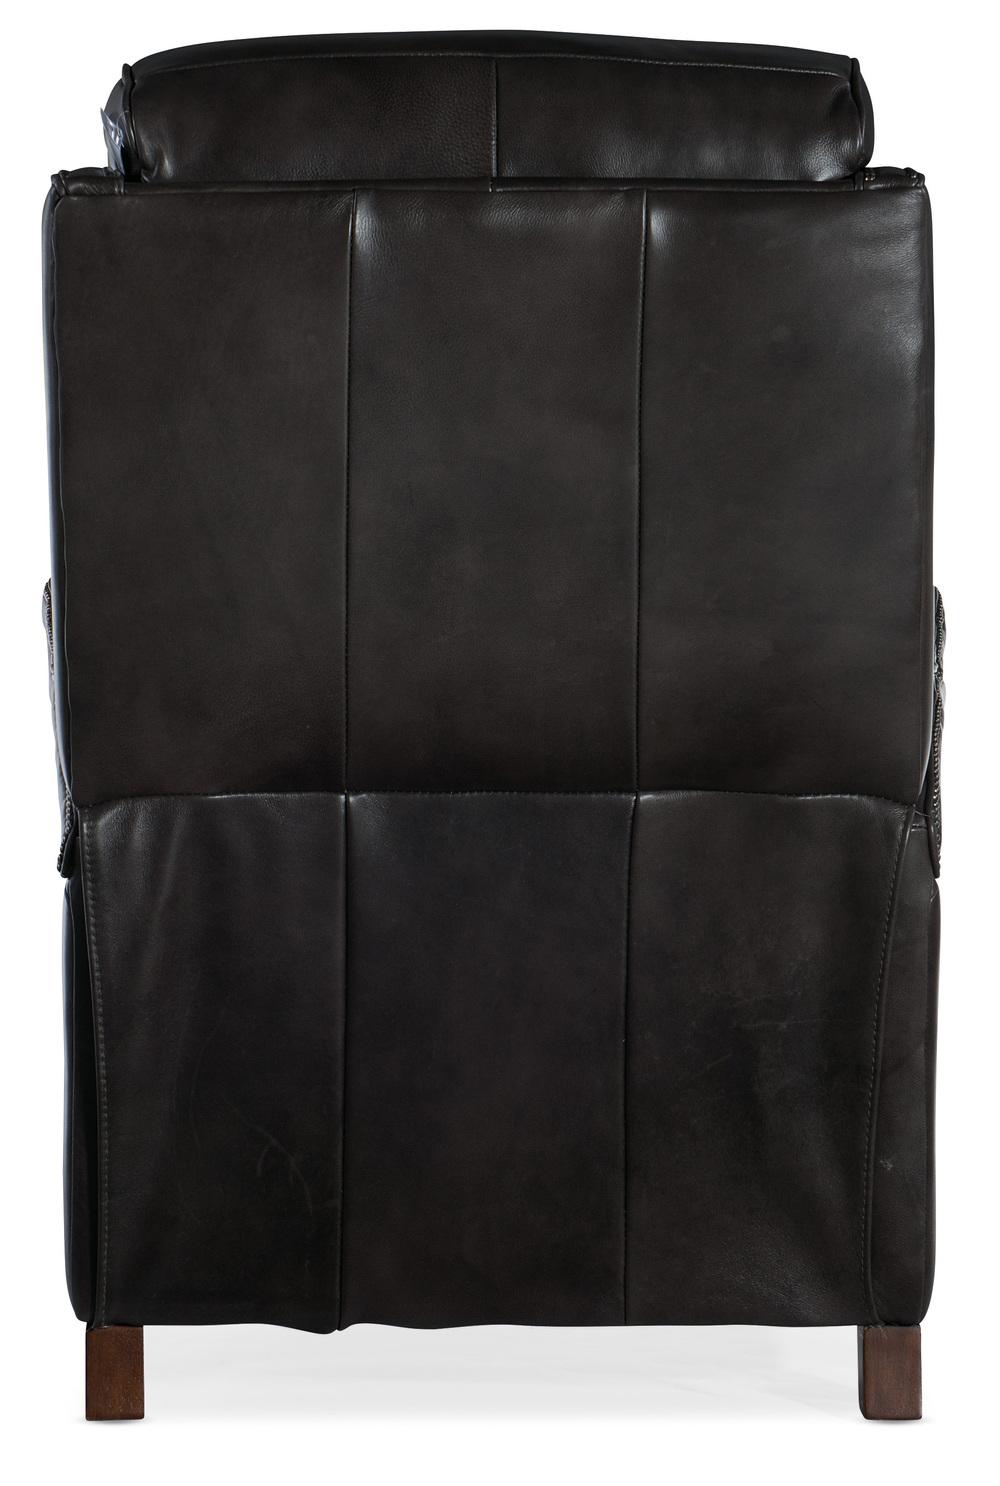 Hooker Furniture - Carlin Power Recliner w/ Power Headrest